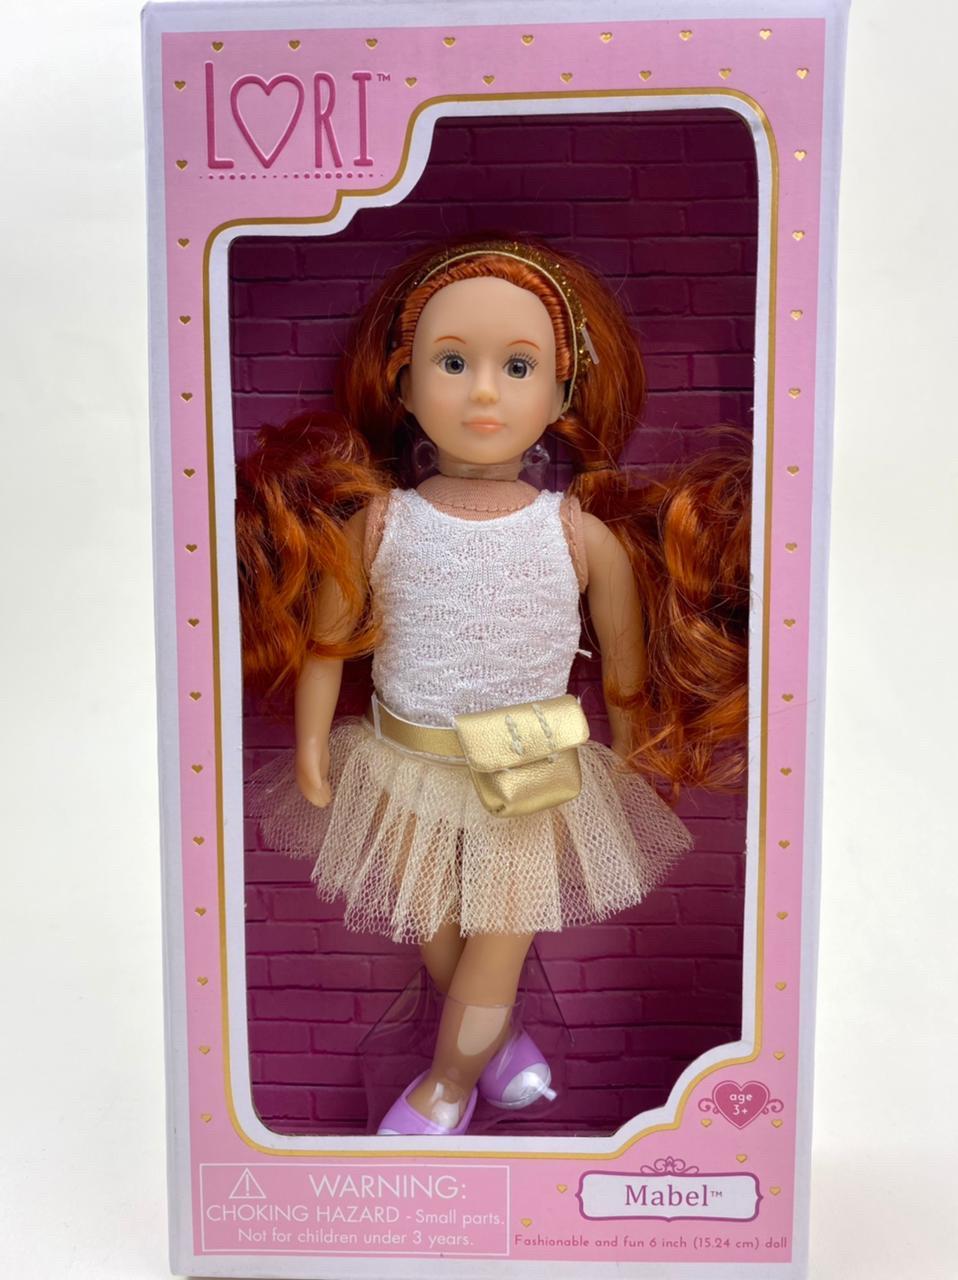 LORI Кукла (15 см) балерина Мейбл/ LO31046Z/ Канада